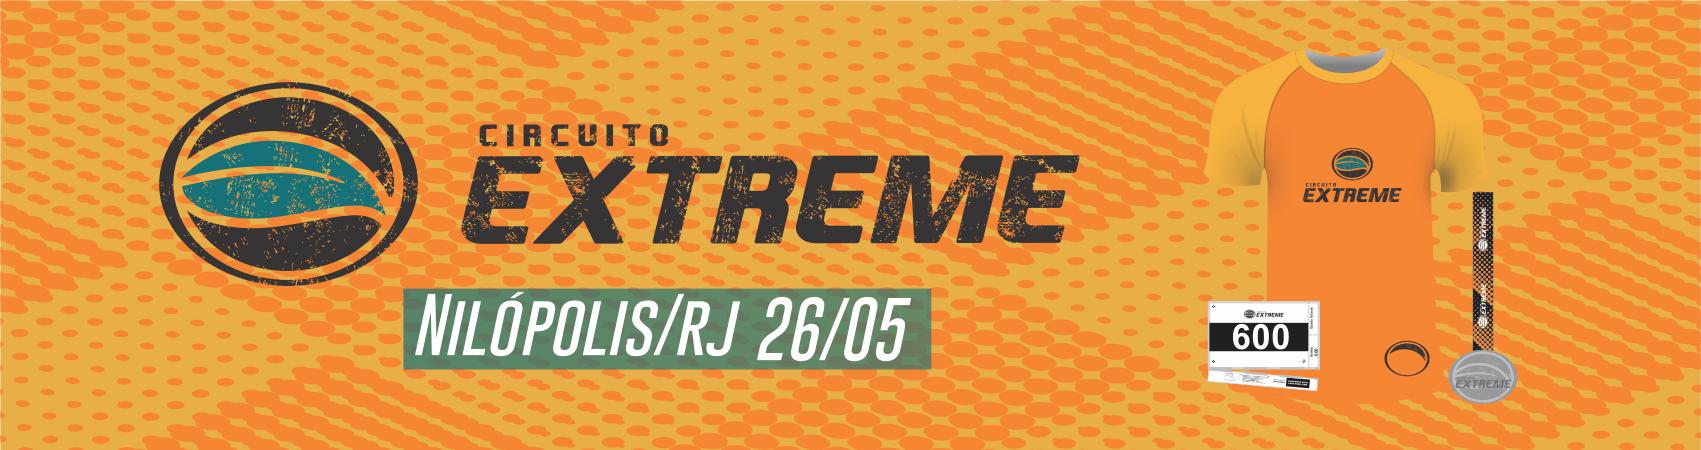 Circuito Extreme - Etapa Gericinó 2019